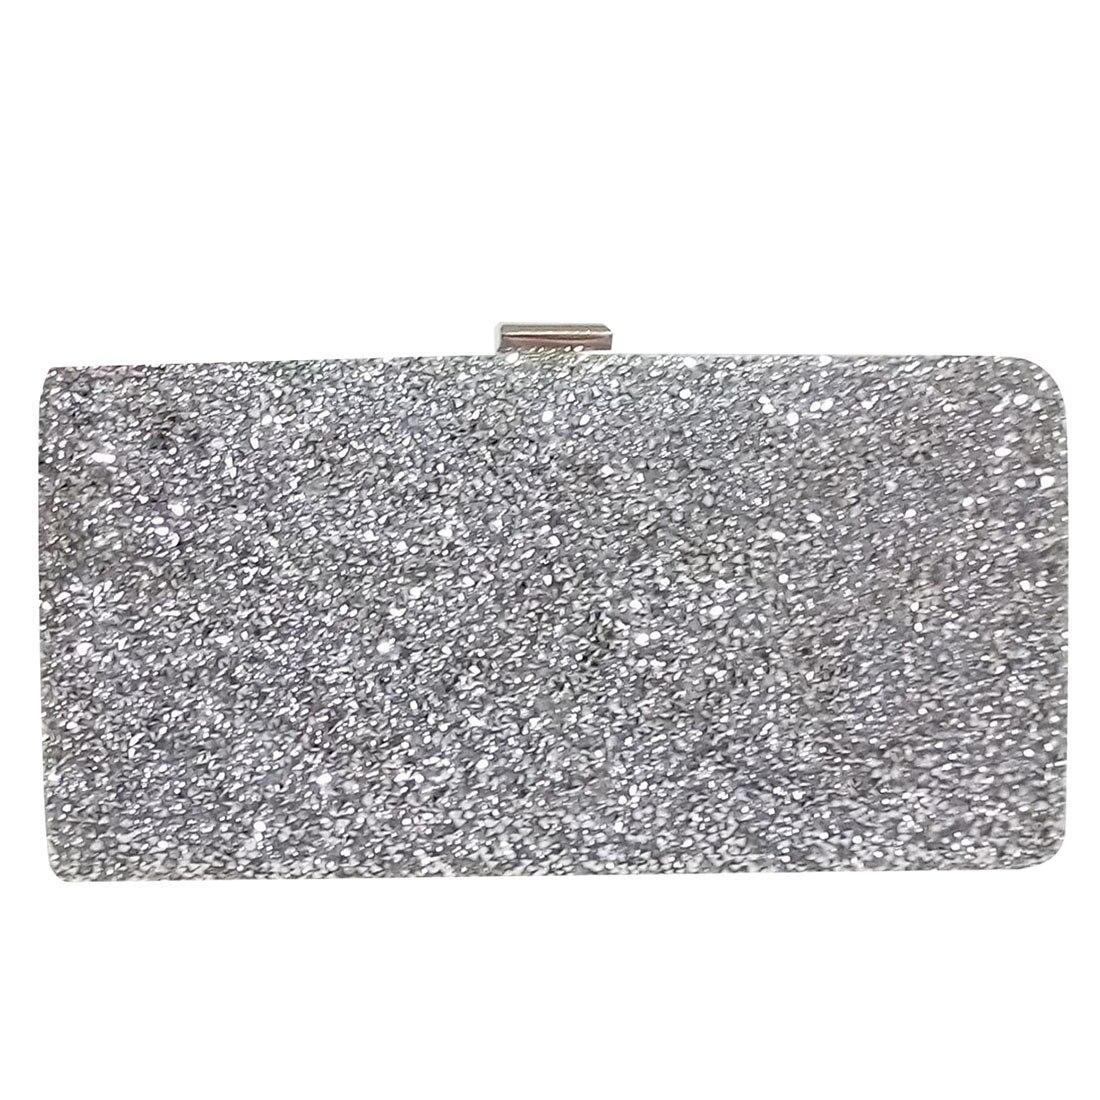 Лидер продаж модная женская вечерняя сумочка Для женщин алмаз горный хрусталь сцепления Кристалл день сцепления Кошелек Свадьба кошелек п...(China)